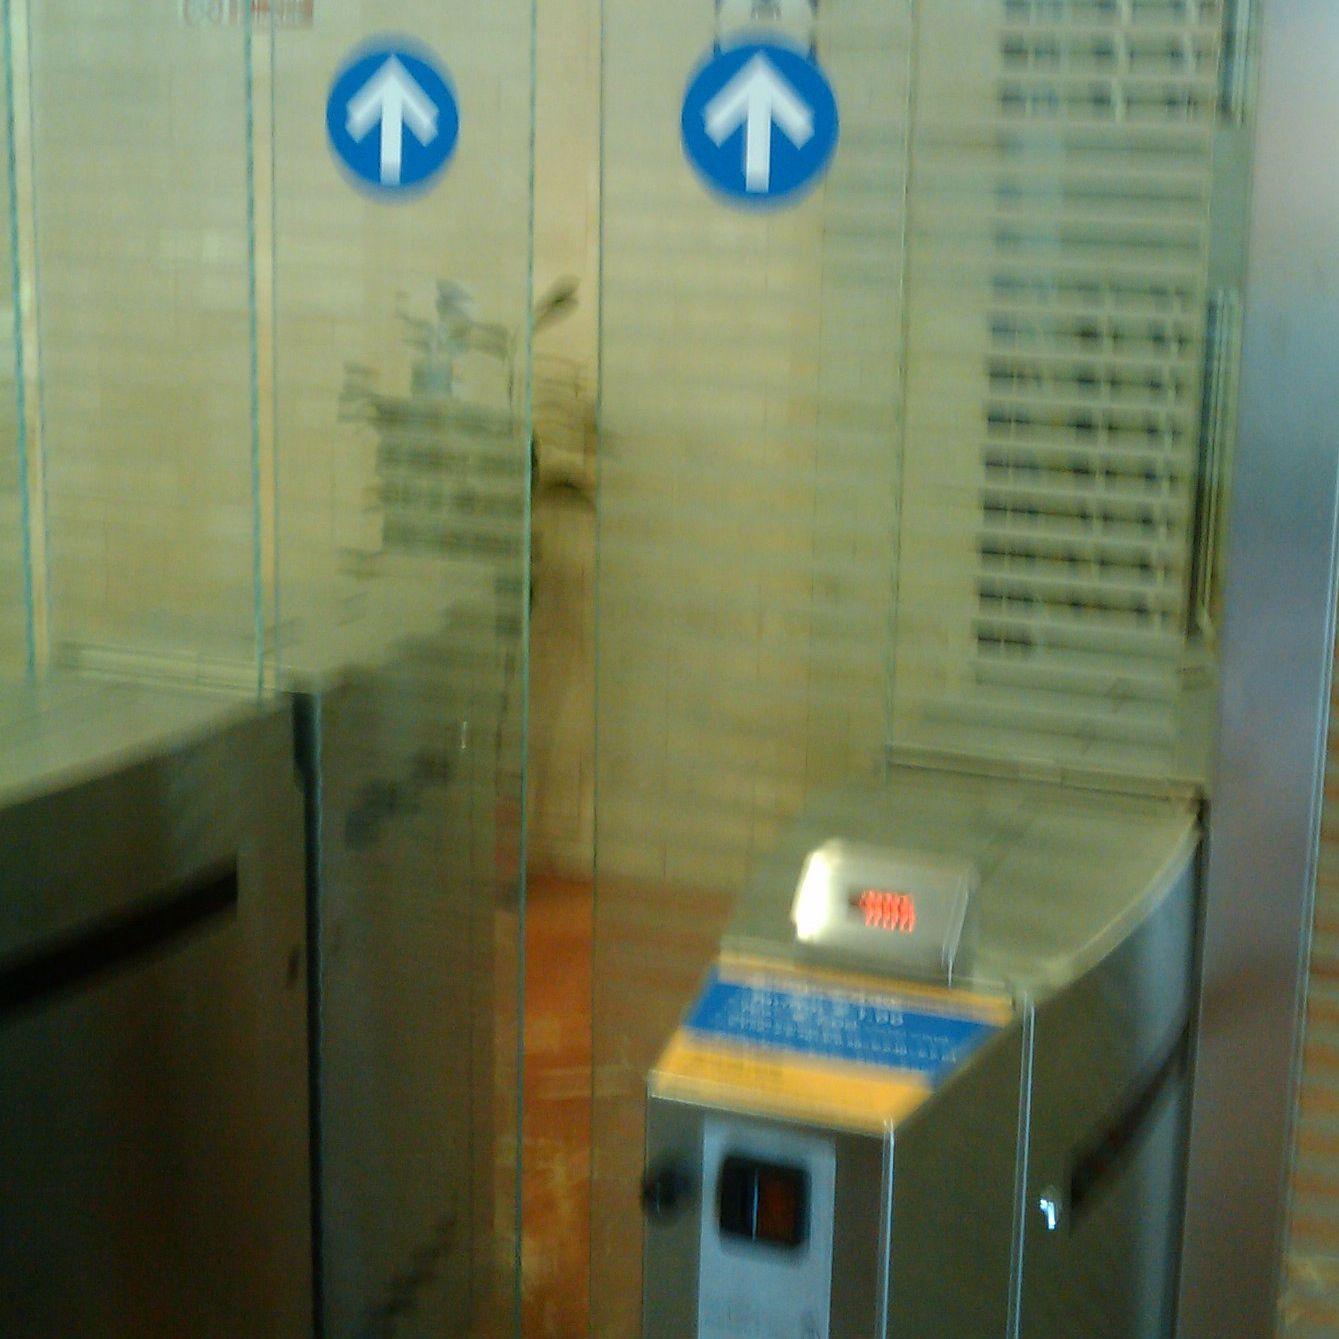 イタリアの有料トイレ_f0192307_21562517.jpg